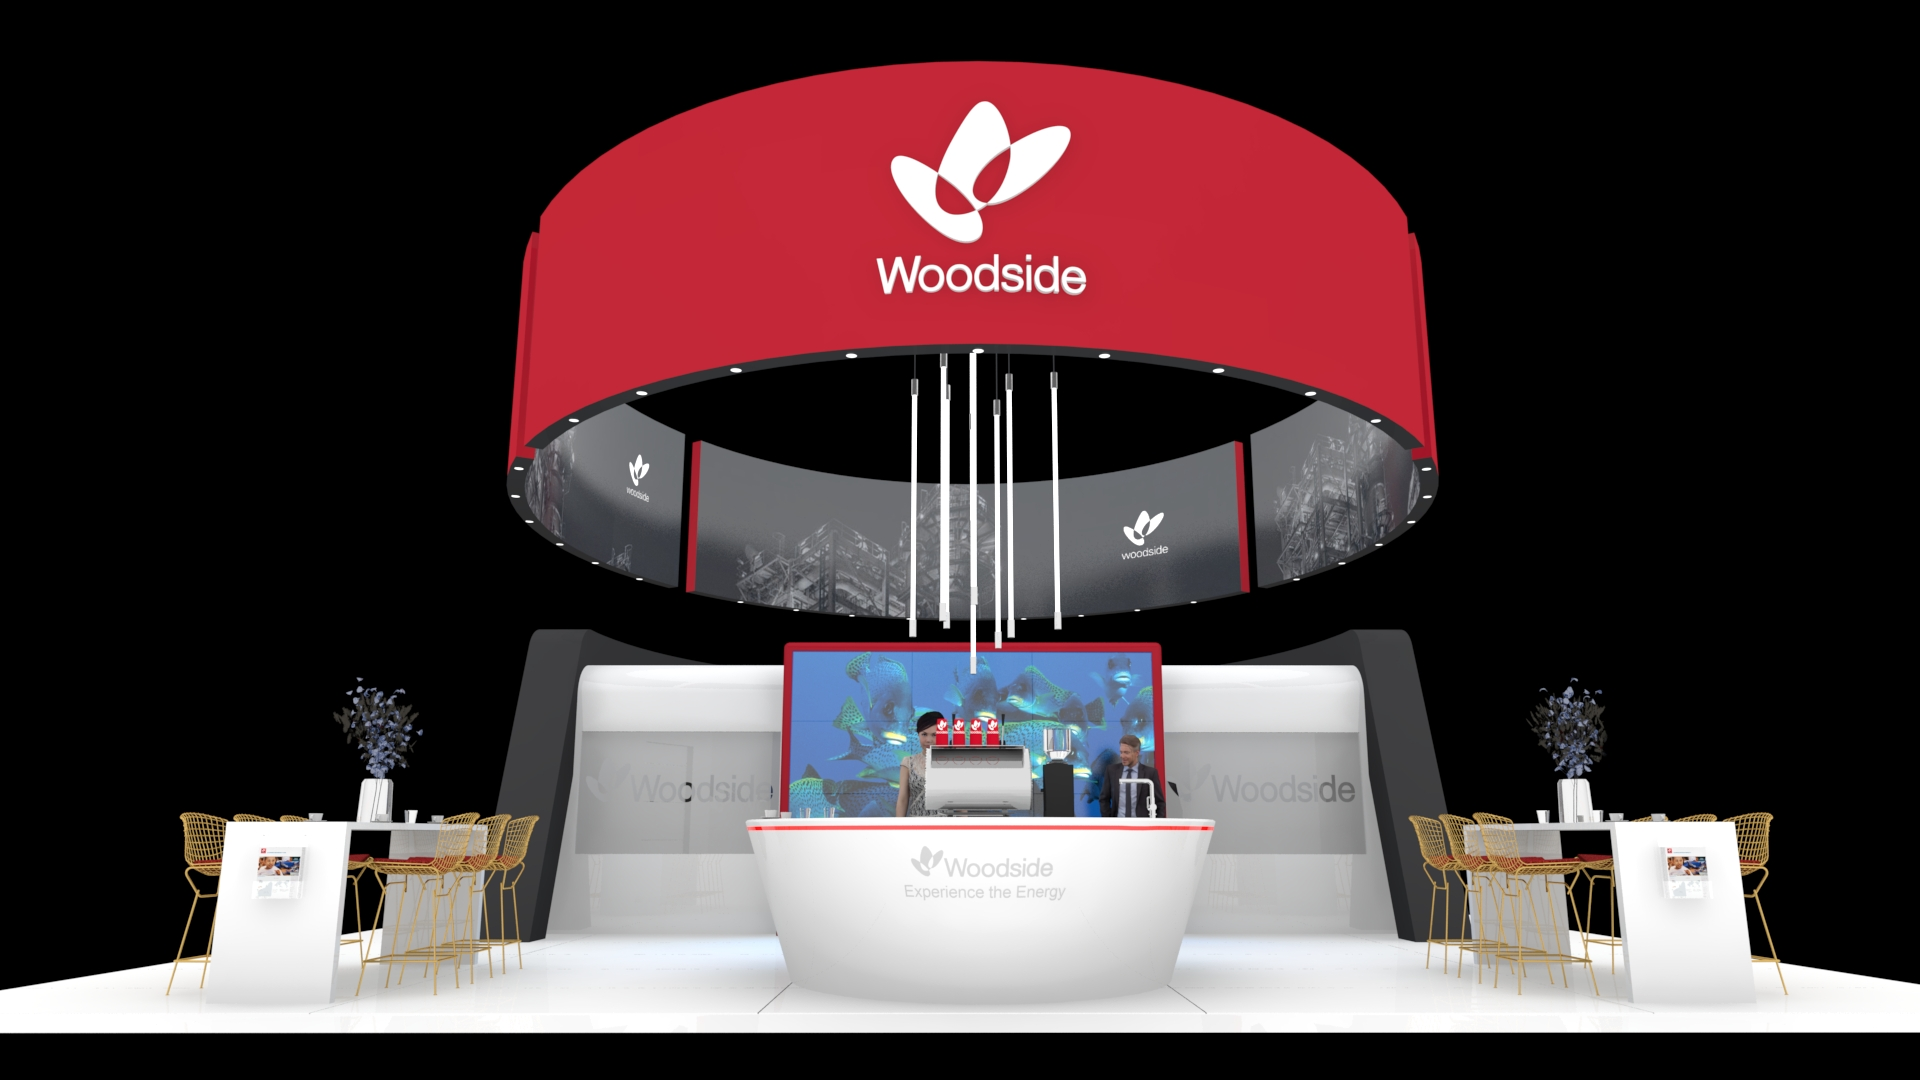 Woodside APPEA